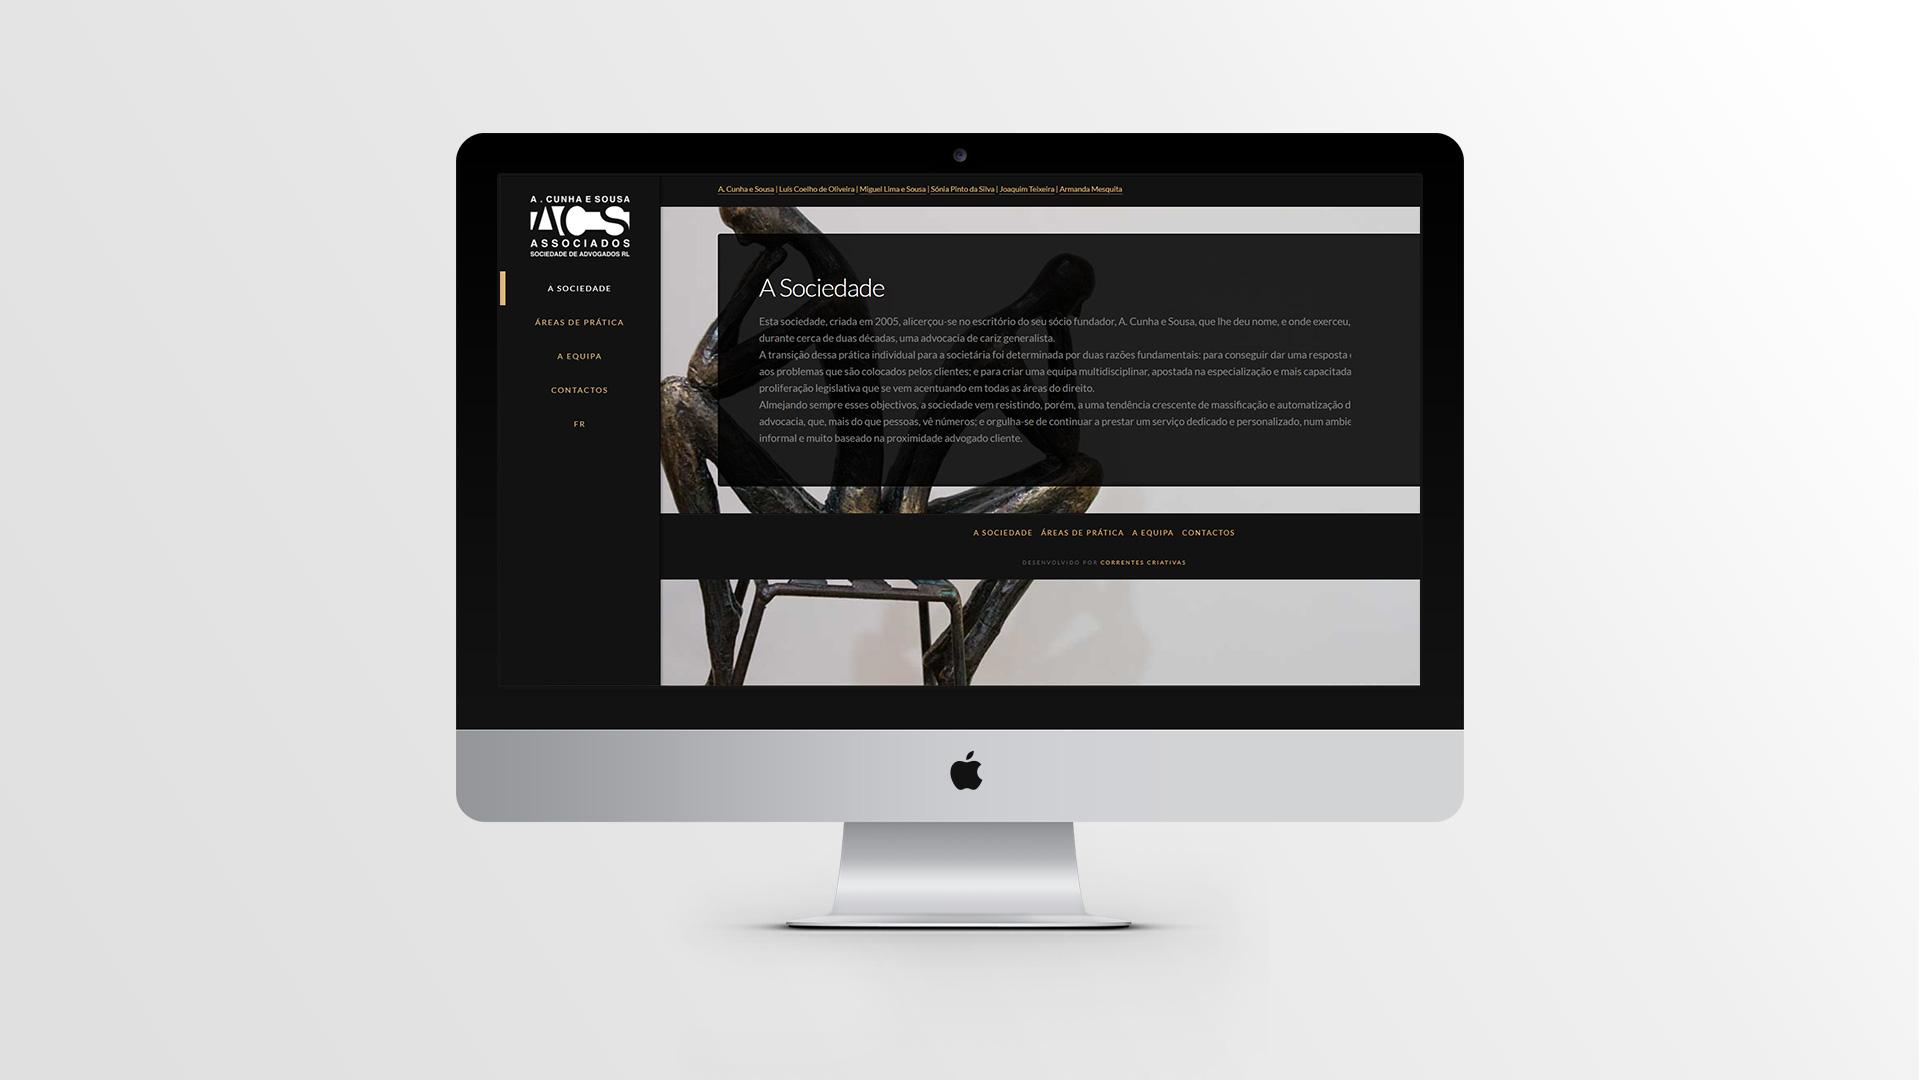 advogados-desktop-responsive design-formulário-web design